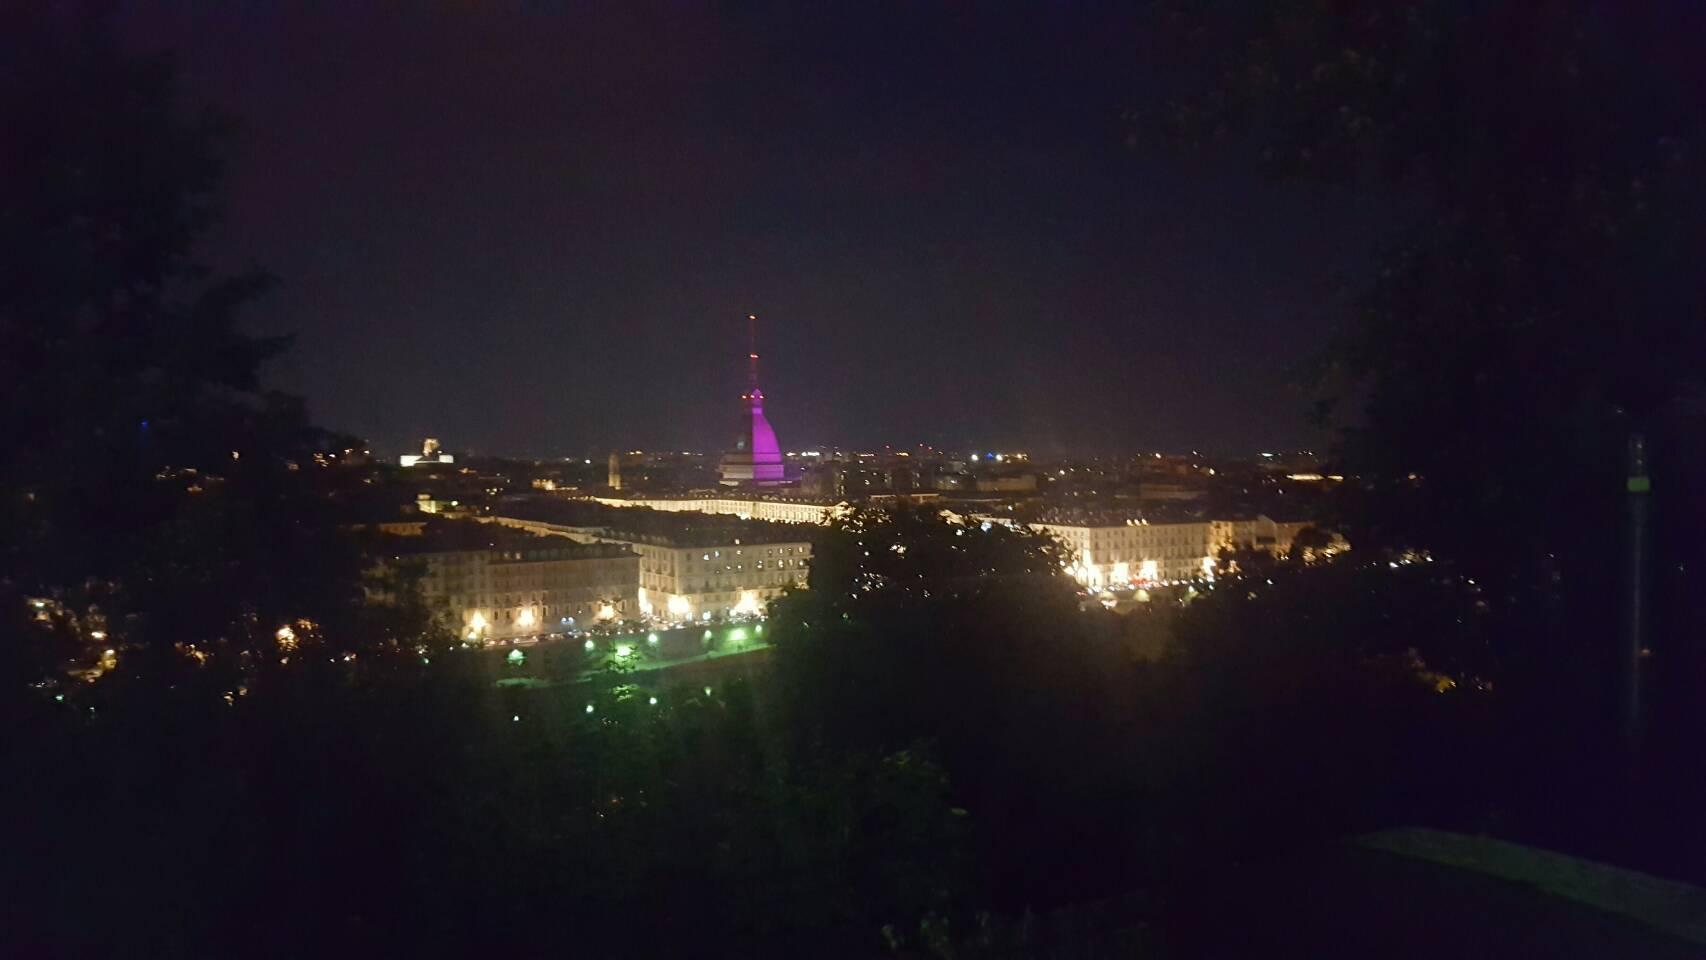 トリノの夜景を一望できるレストラン「Al monte dei Cappuccini」